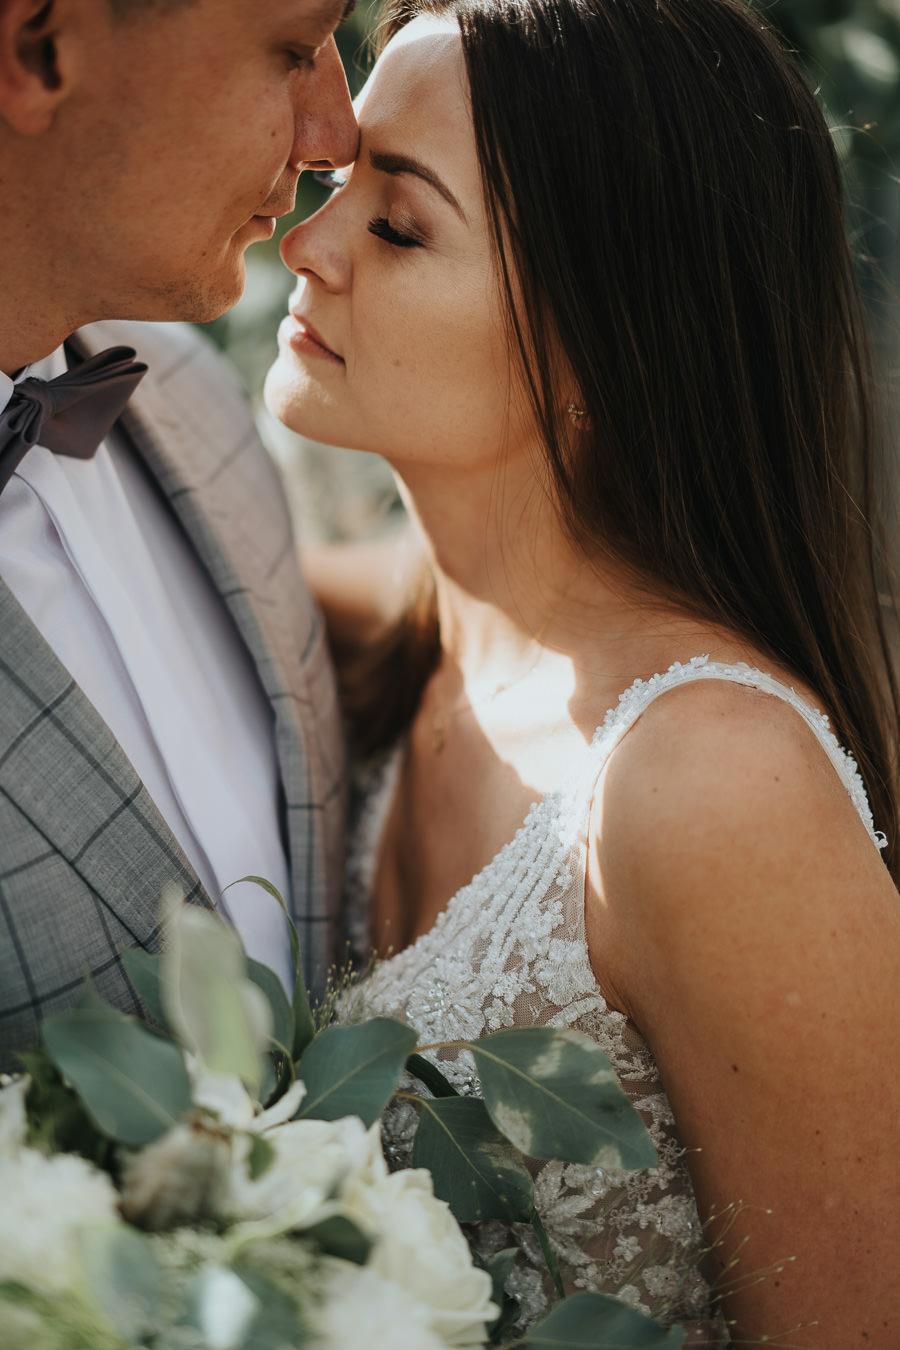 Sesja poślubna w oranżerii 9